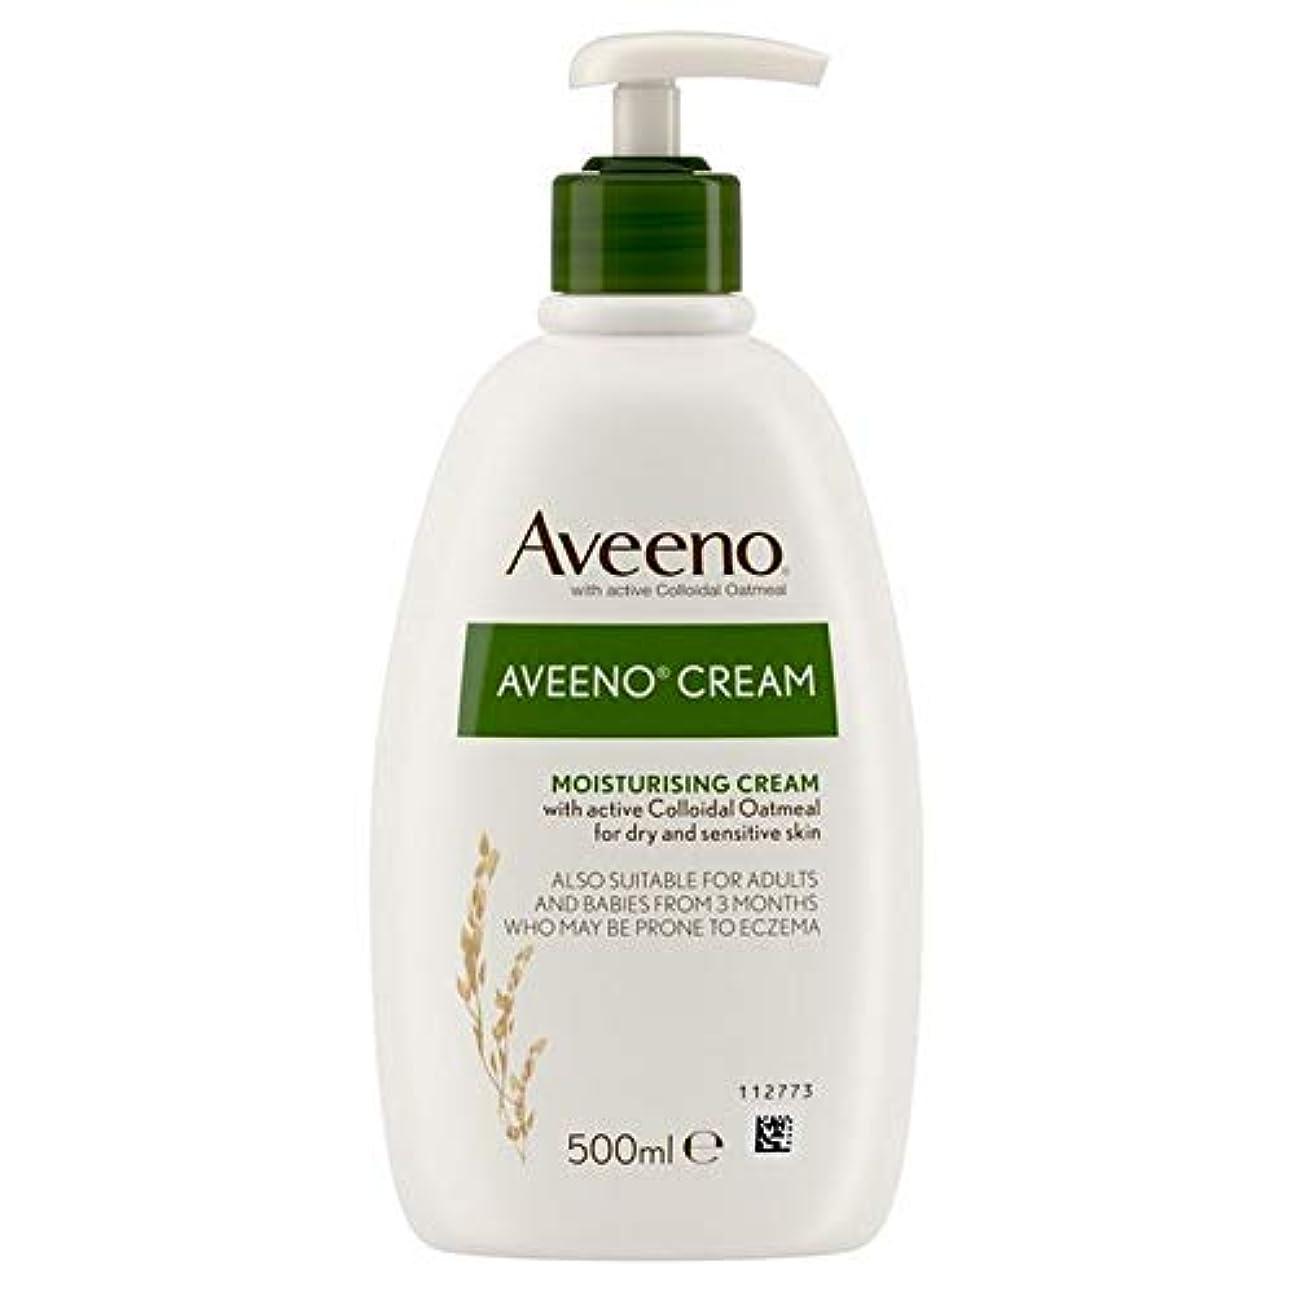 案件想像力豊かな抗議[Aveeno] Aveenoクリーム500ミリリットル - Aveeno Cream 500ml [並行輸入品]